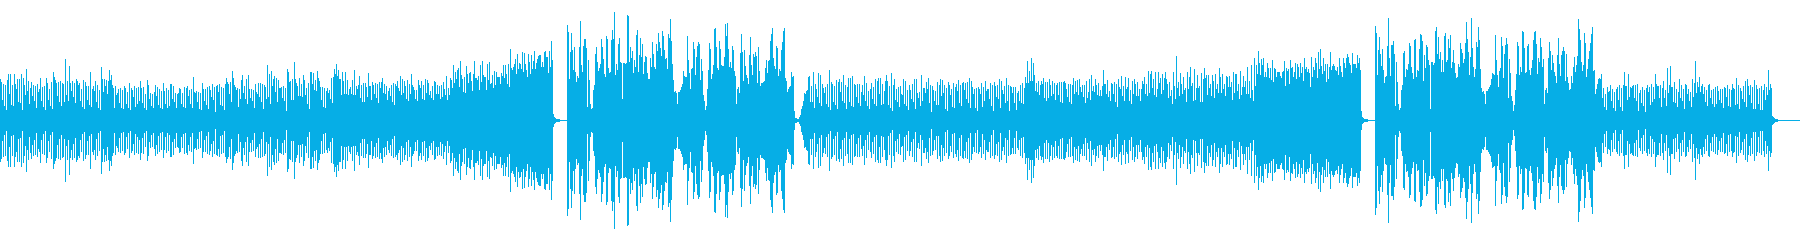 緊迫感のあるEDM曲です。の再生済みの波形